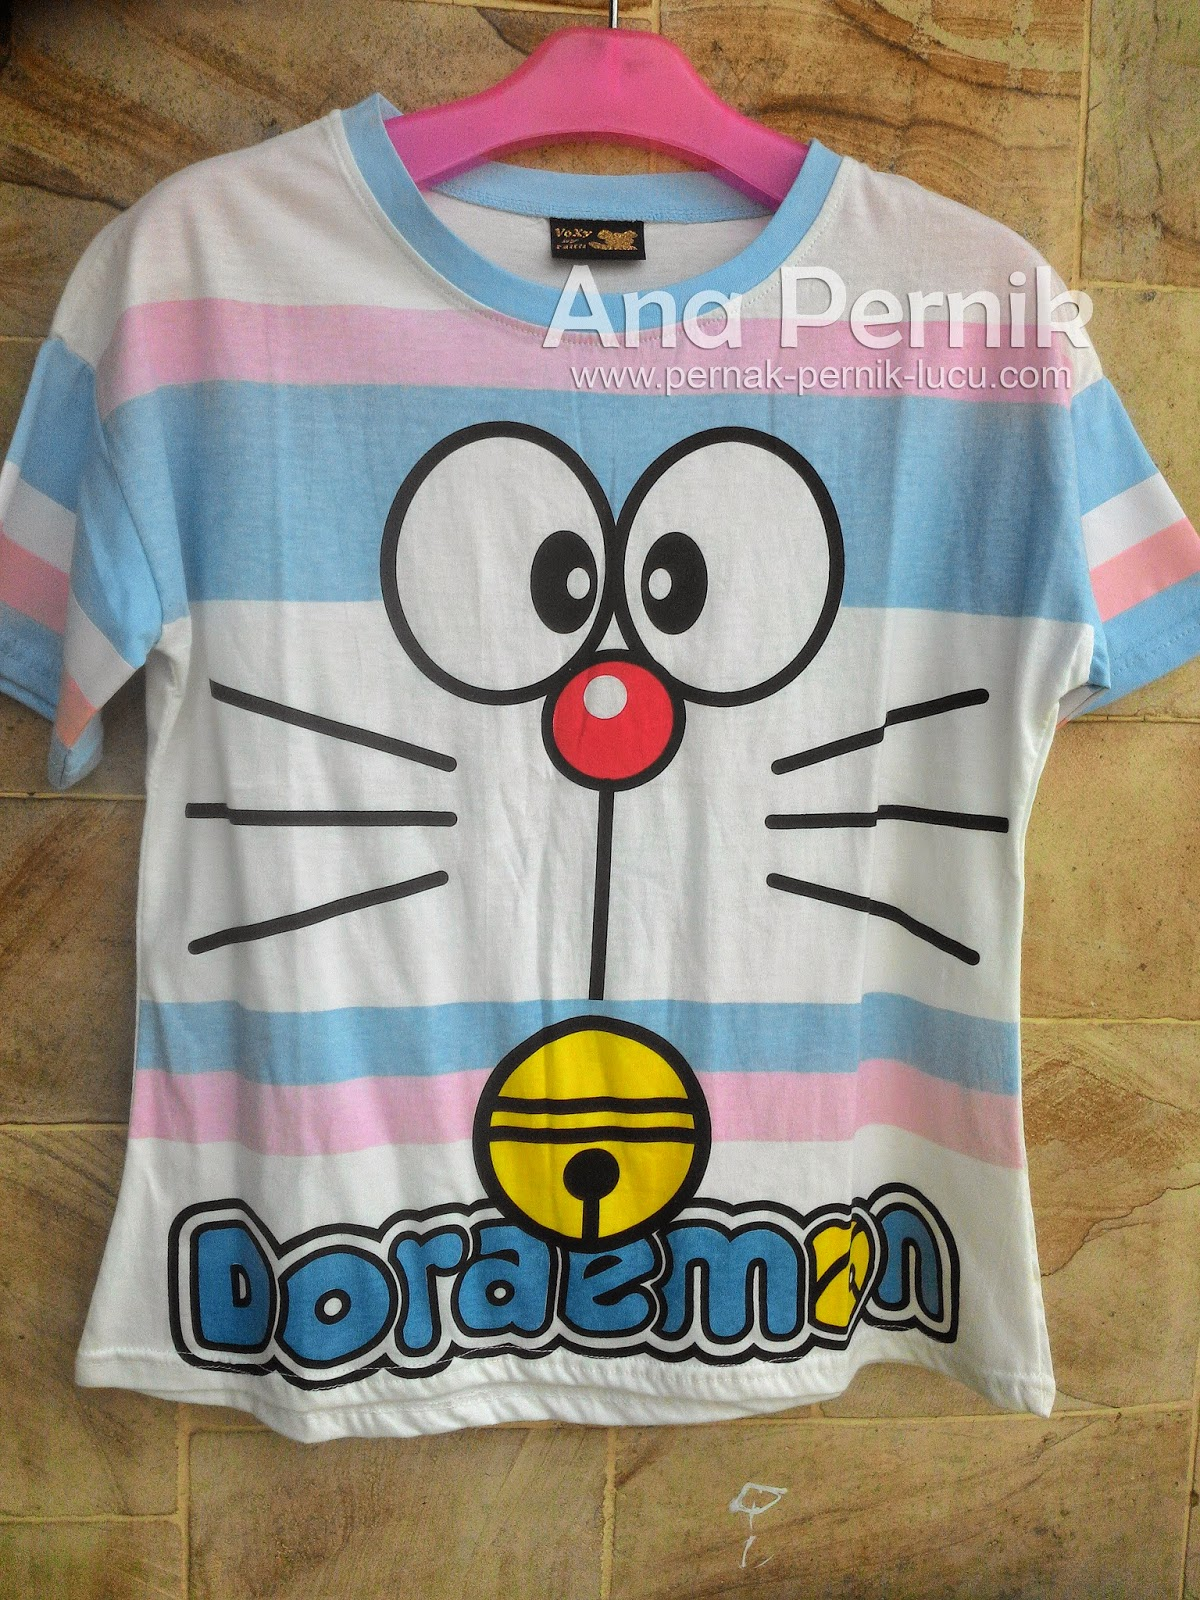 Kaos Doraemon; kaos cewek; kaos wanita; kaos murah; kaos online; kaos doraemon murah; kaos doraemon online; kaos dewasa; kaos doraemon dewasa; kaos pendek; kaos pendek doraemon